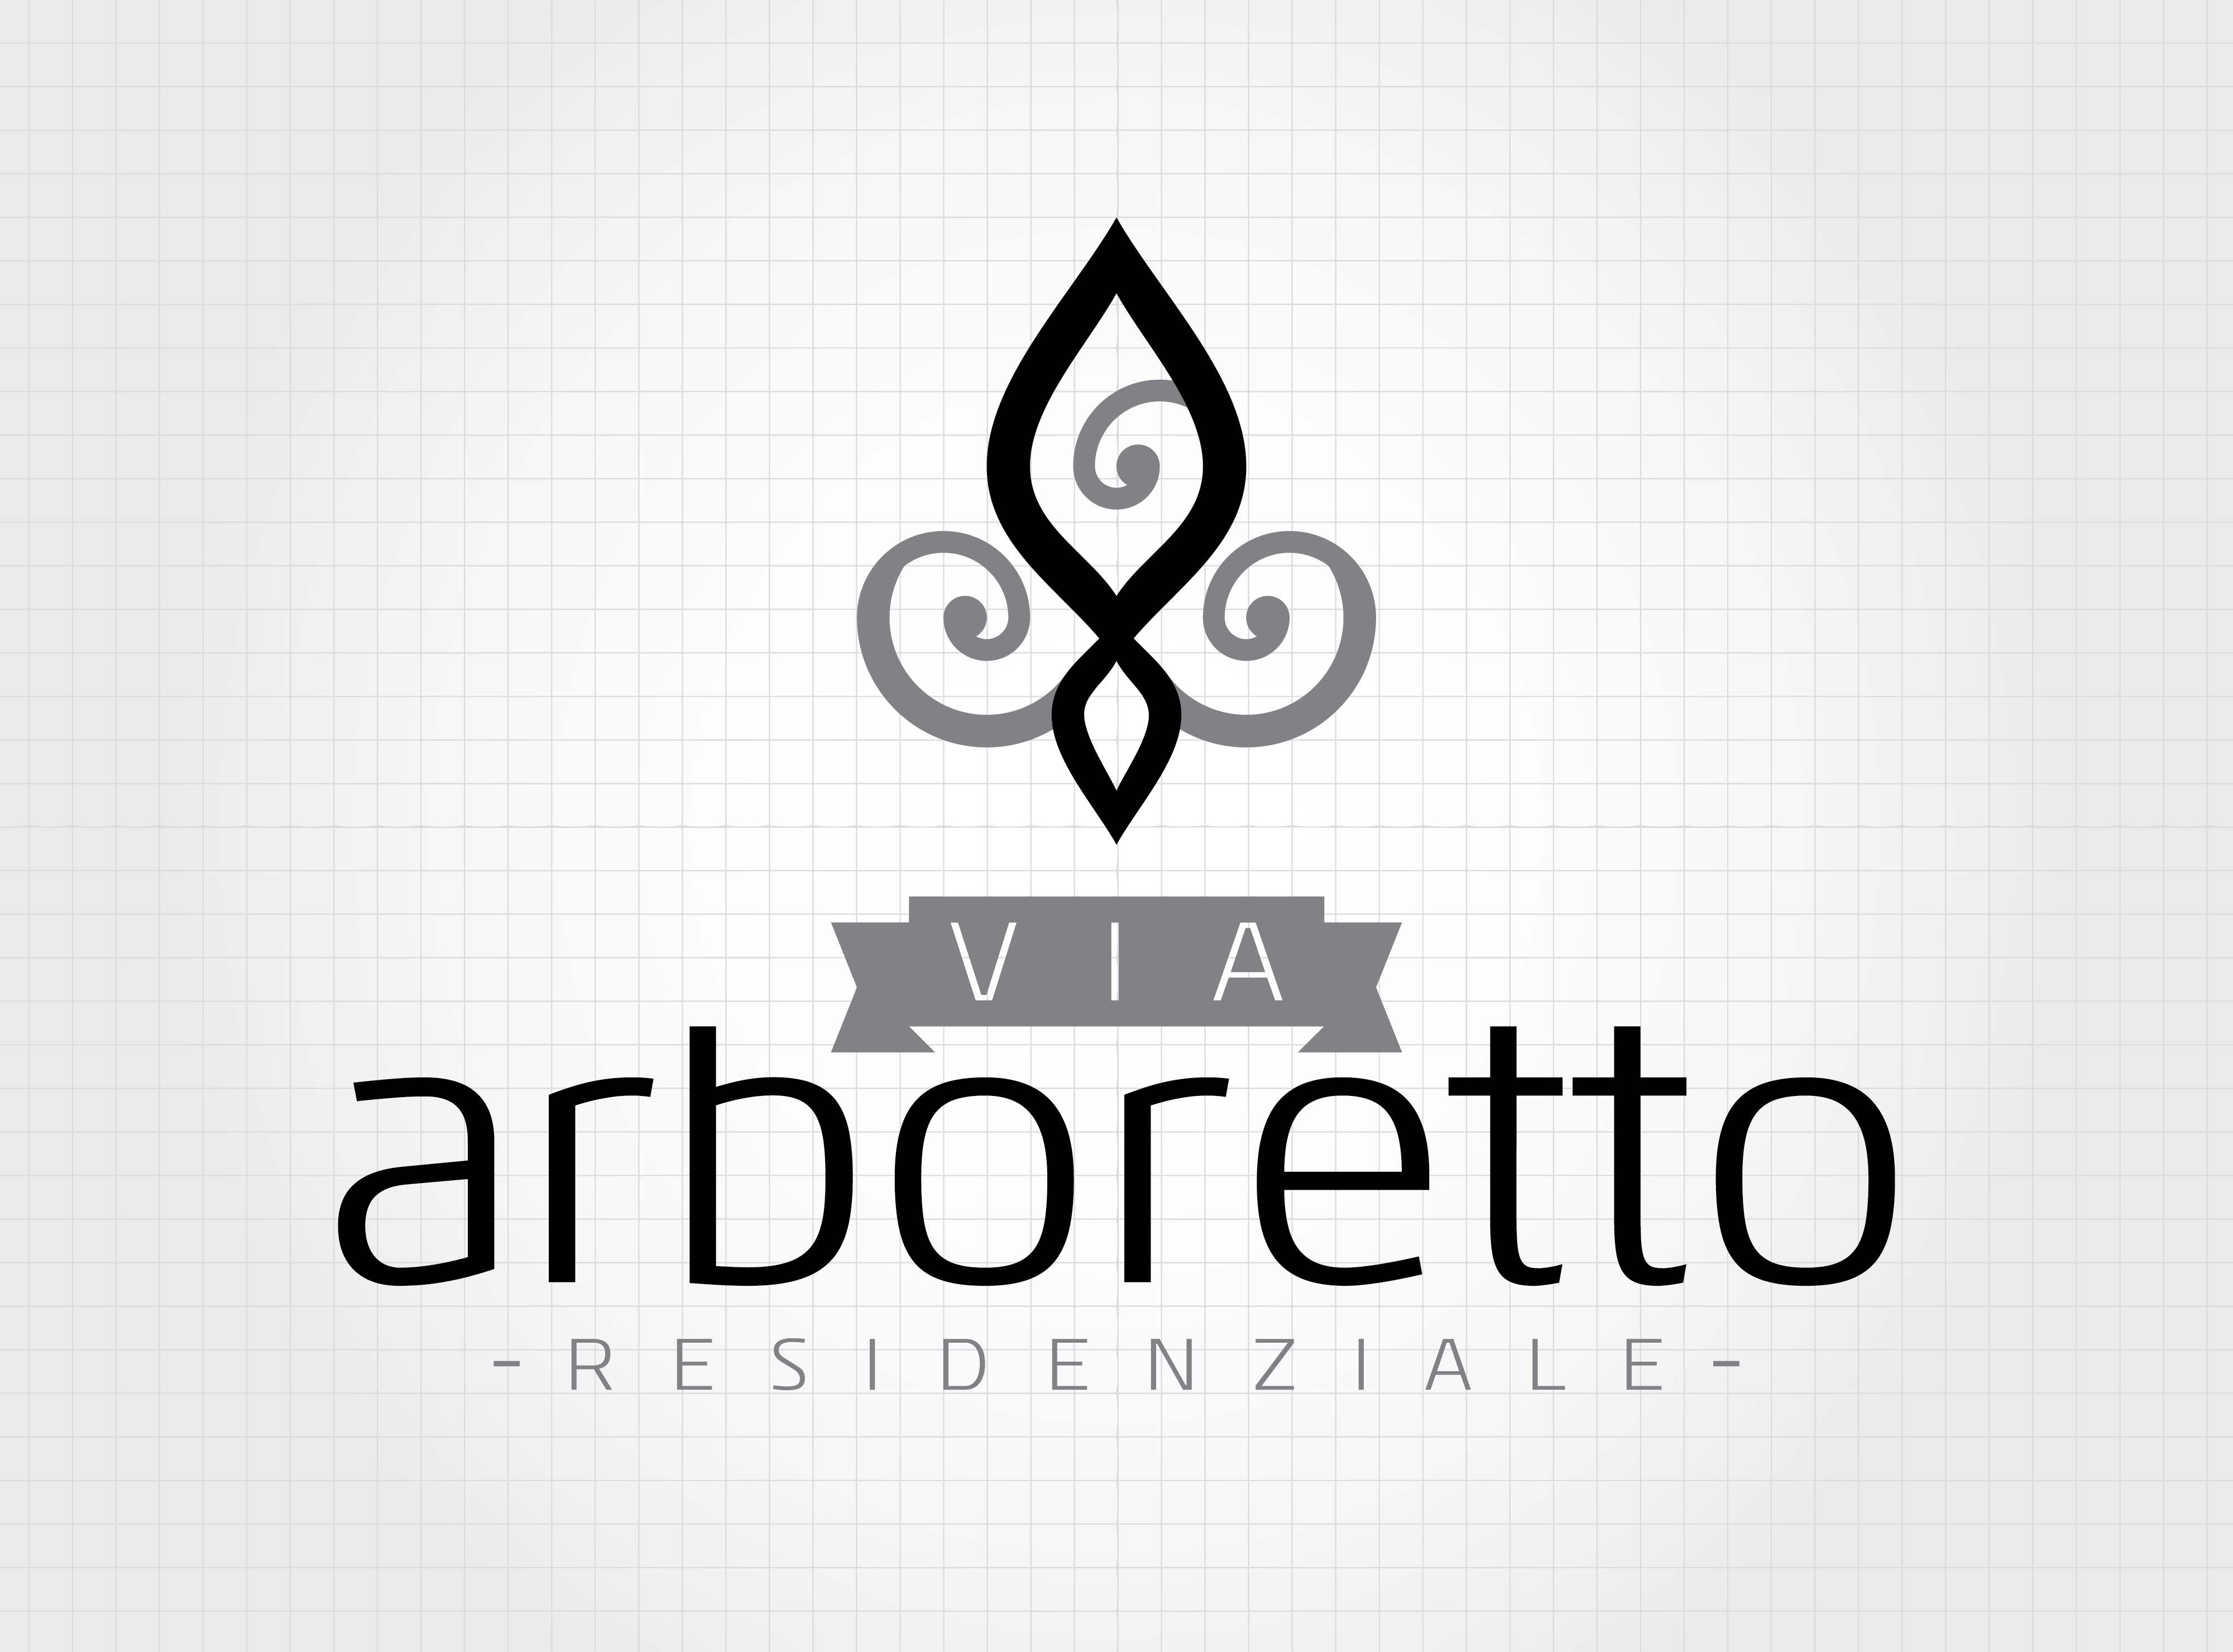 arboretto-04